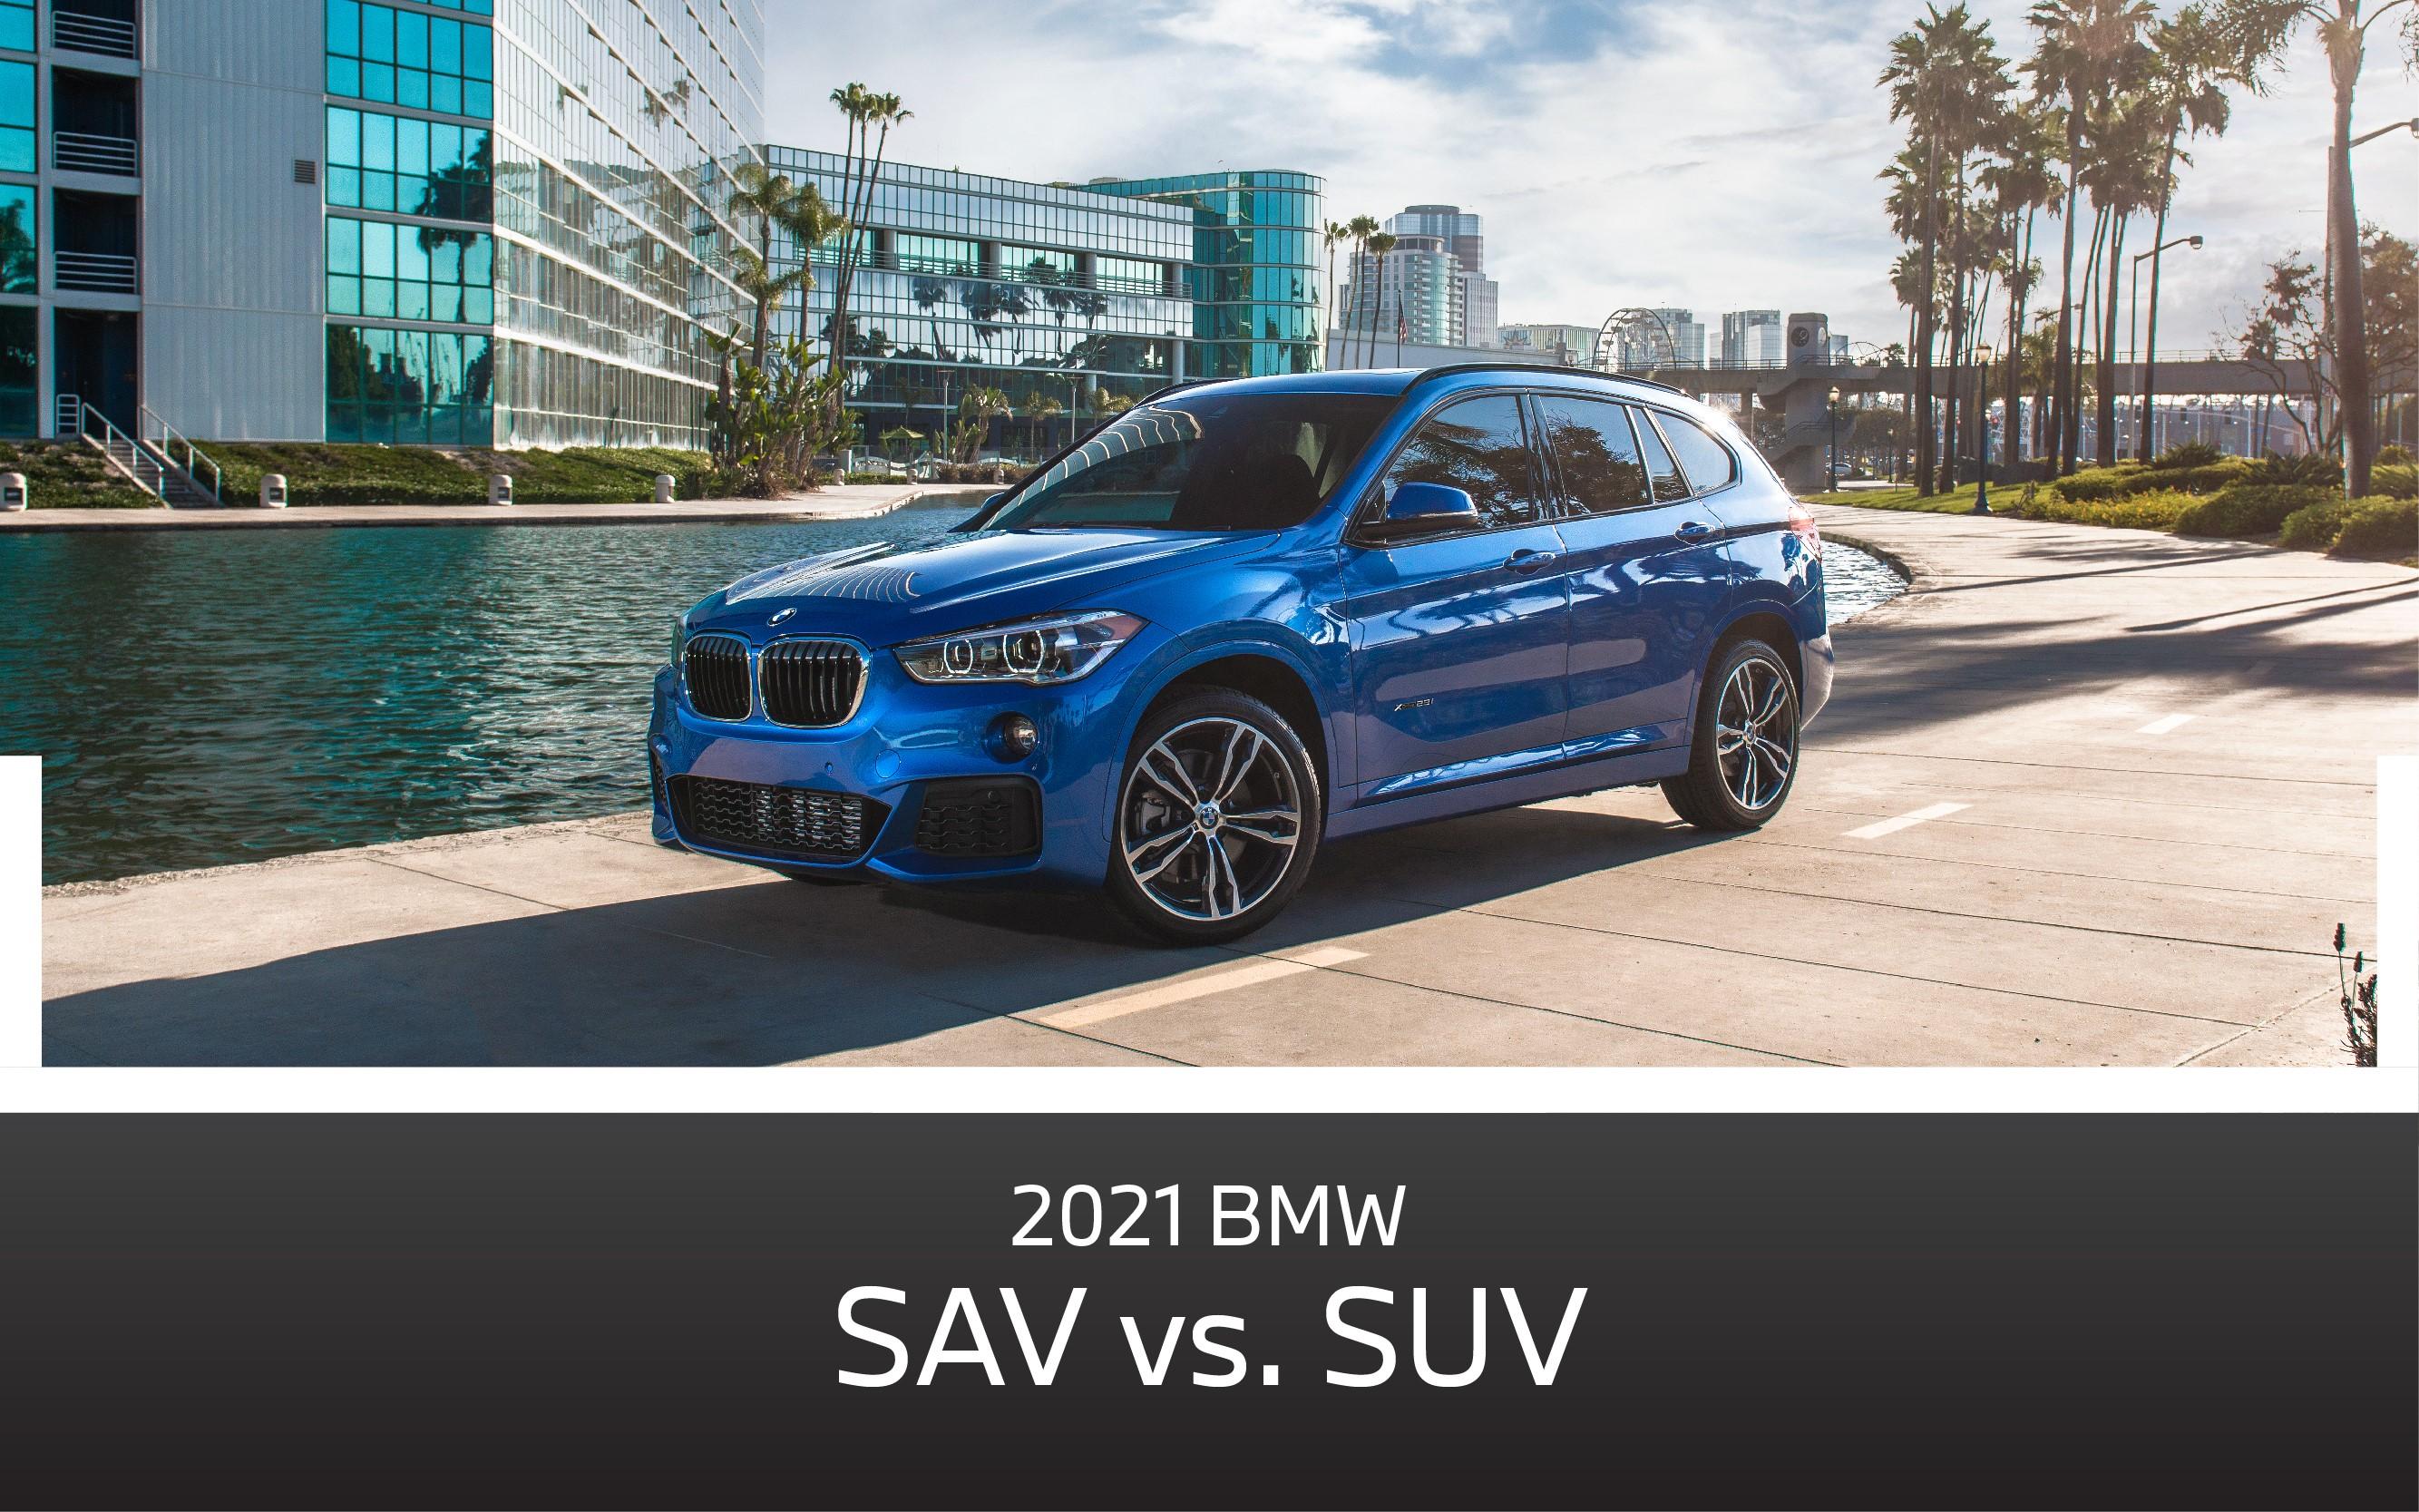 BMW SUV vs SAV